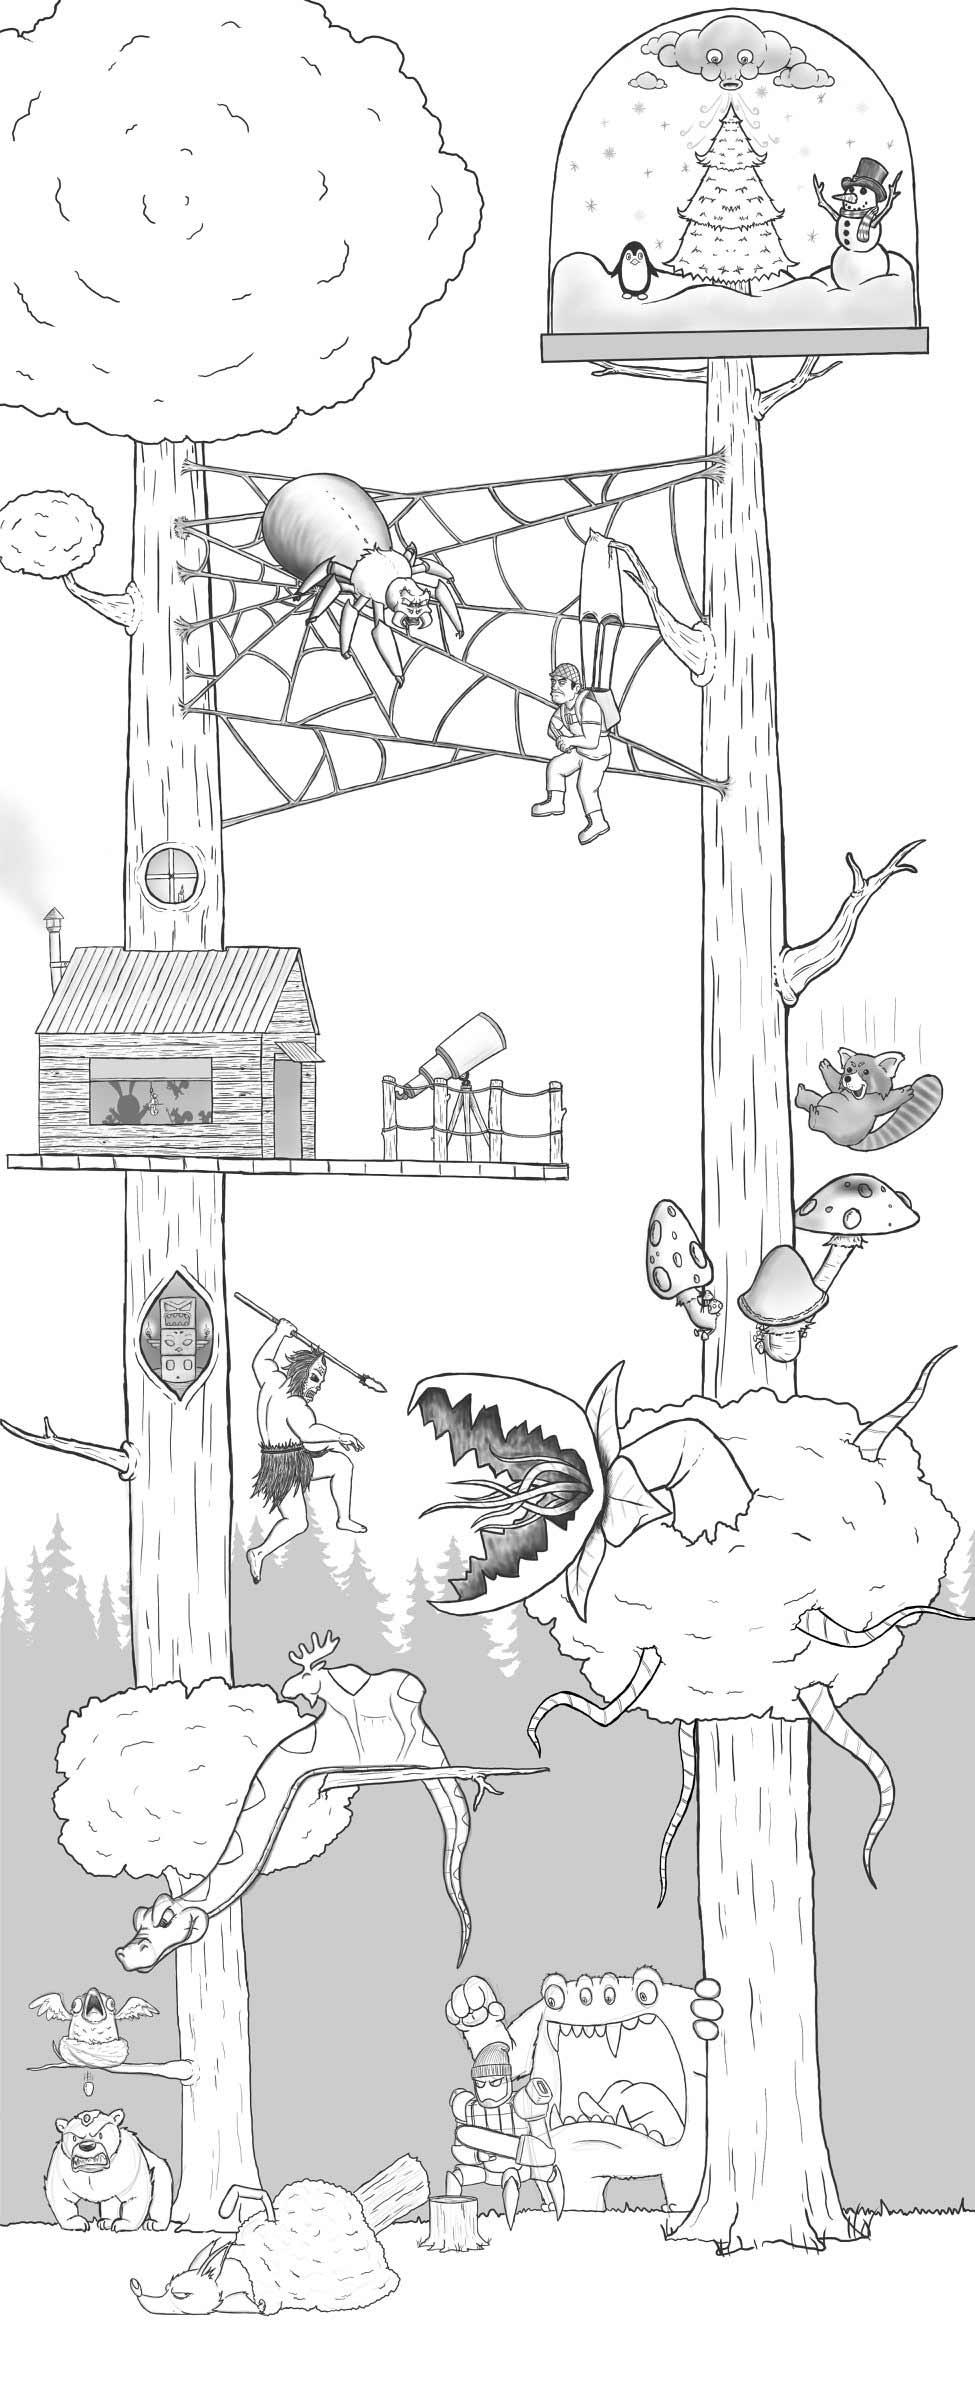 Eric Keledjian hat dieser Zeichnung jeden Tag eine Figur hinzugefügt Eric-Keledjian_19-tage-zeichnung_16